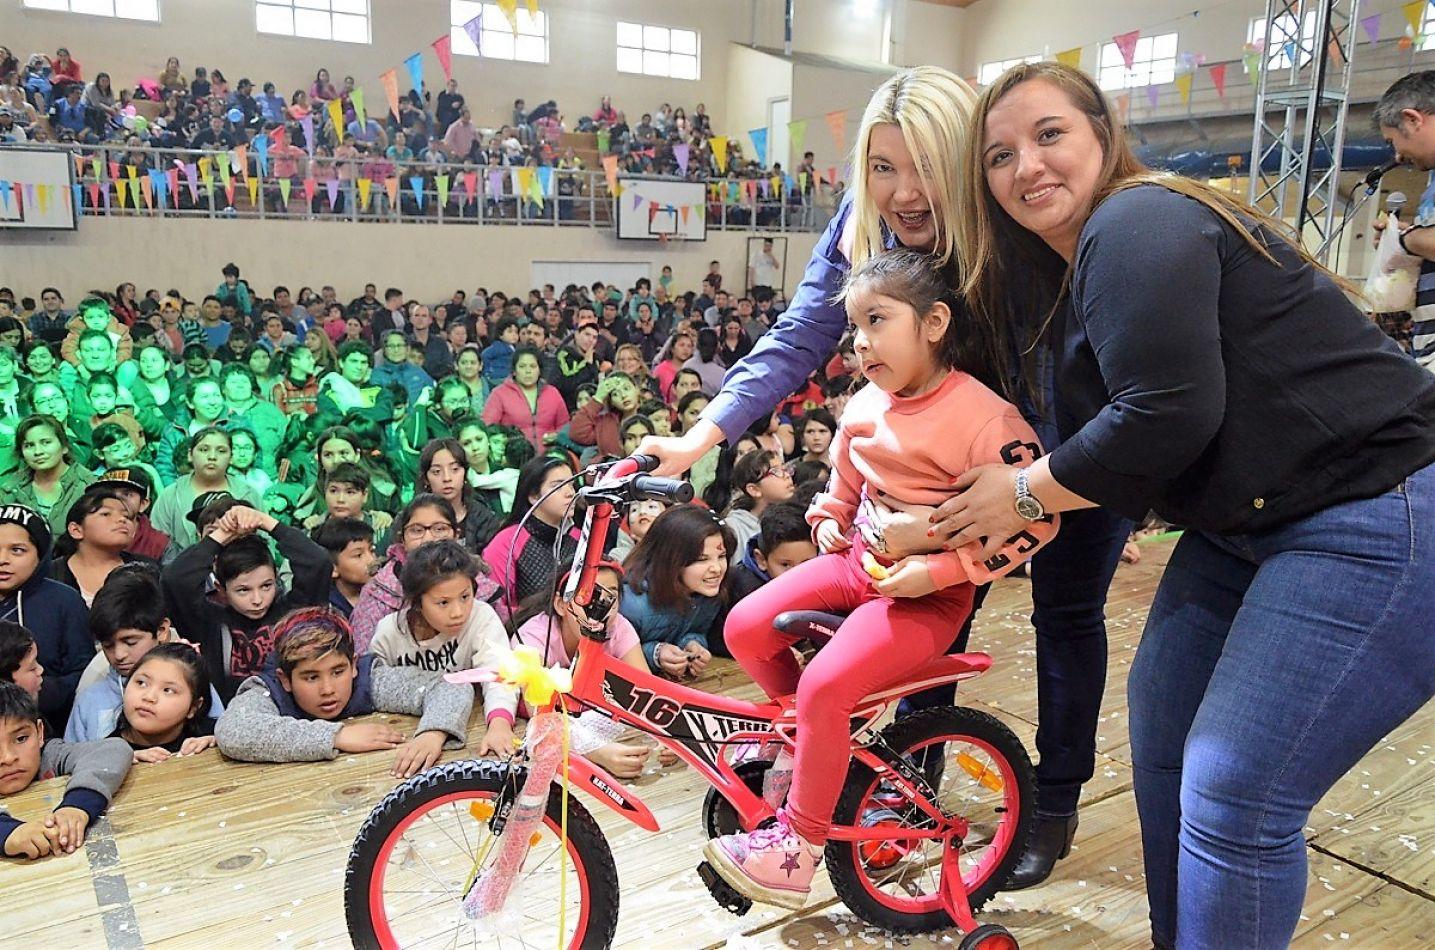 La Gobernadora Bertone y la legisladora Freites entegaron juguetes en el festejo por el Día del Niño.